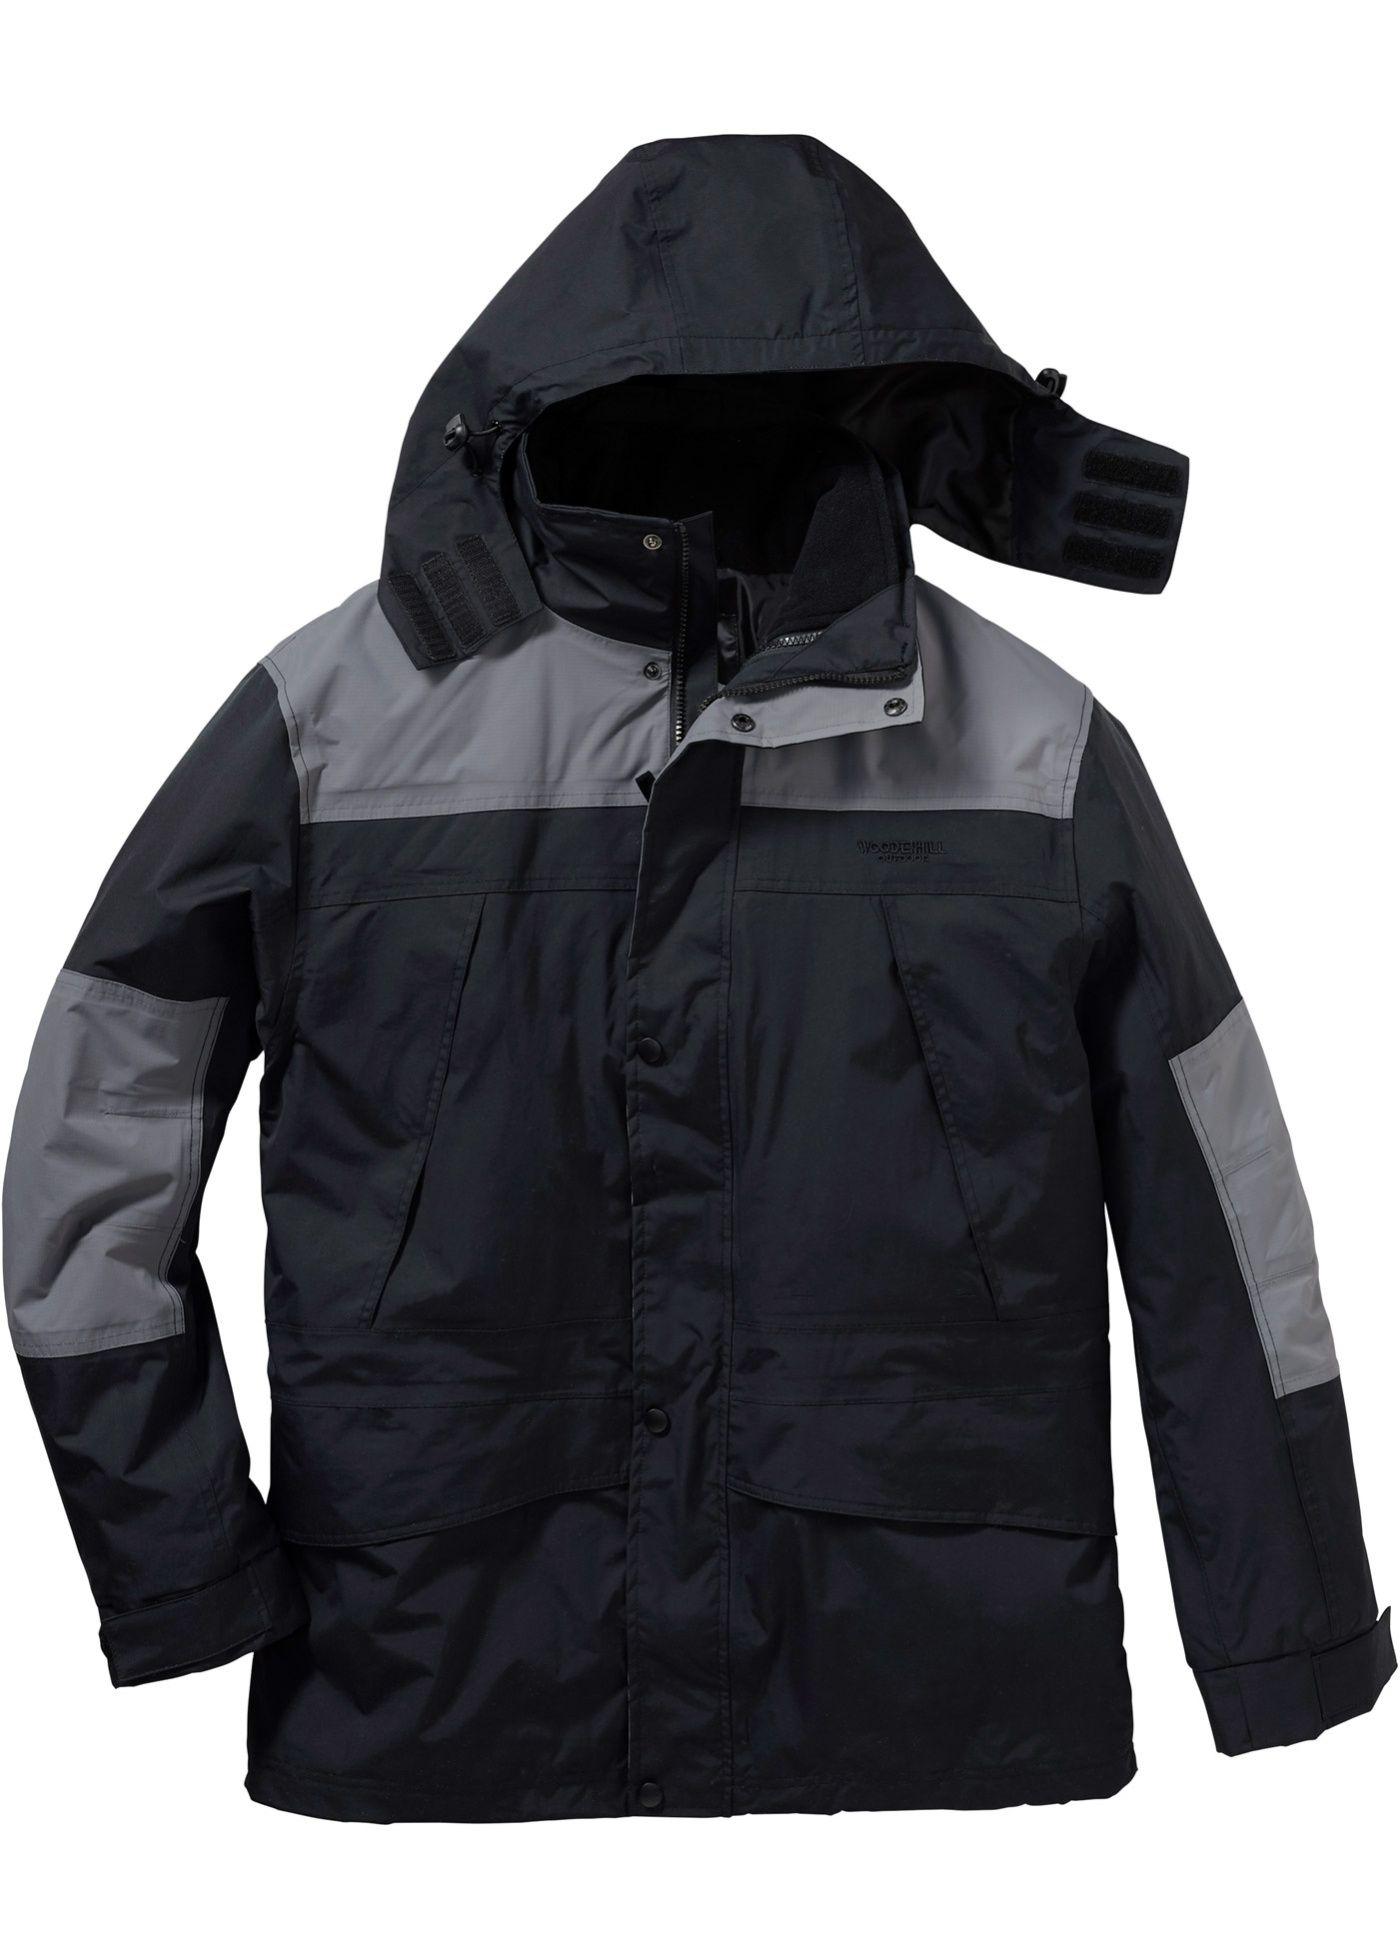 aa53b6745e8363 Diese 3-in-1-Jacke mit Fleeceteil und Kapuze ist stets der ideale ...